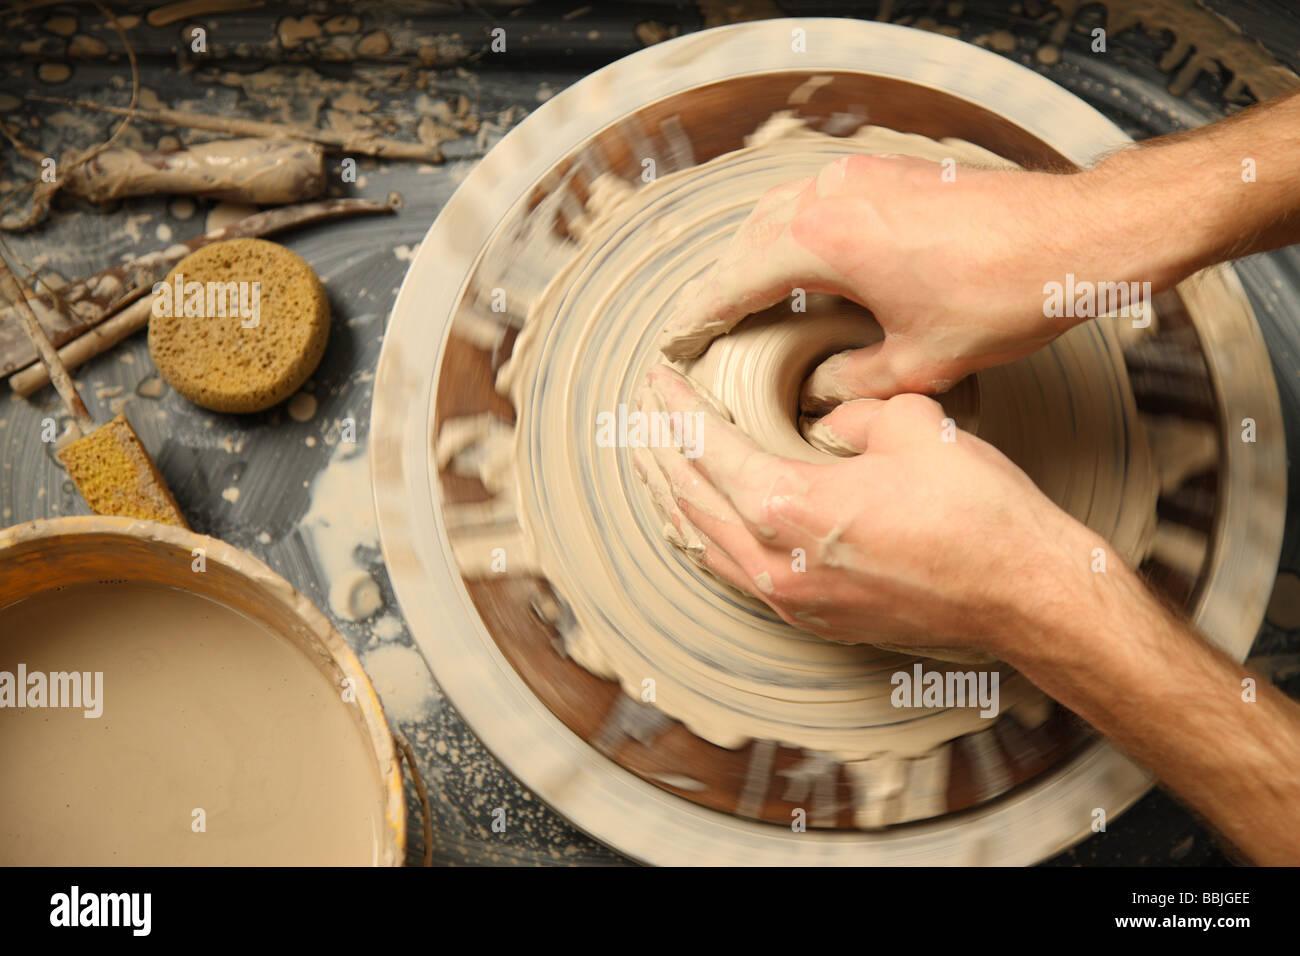 Closeup of hands travaillant sur roue de poterie Photo Stock